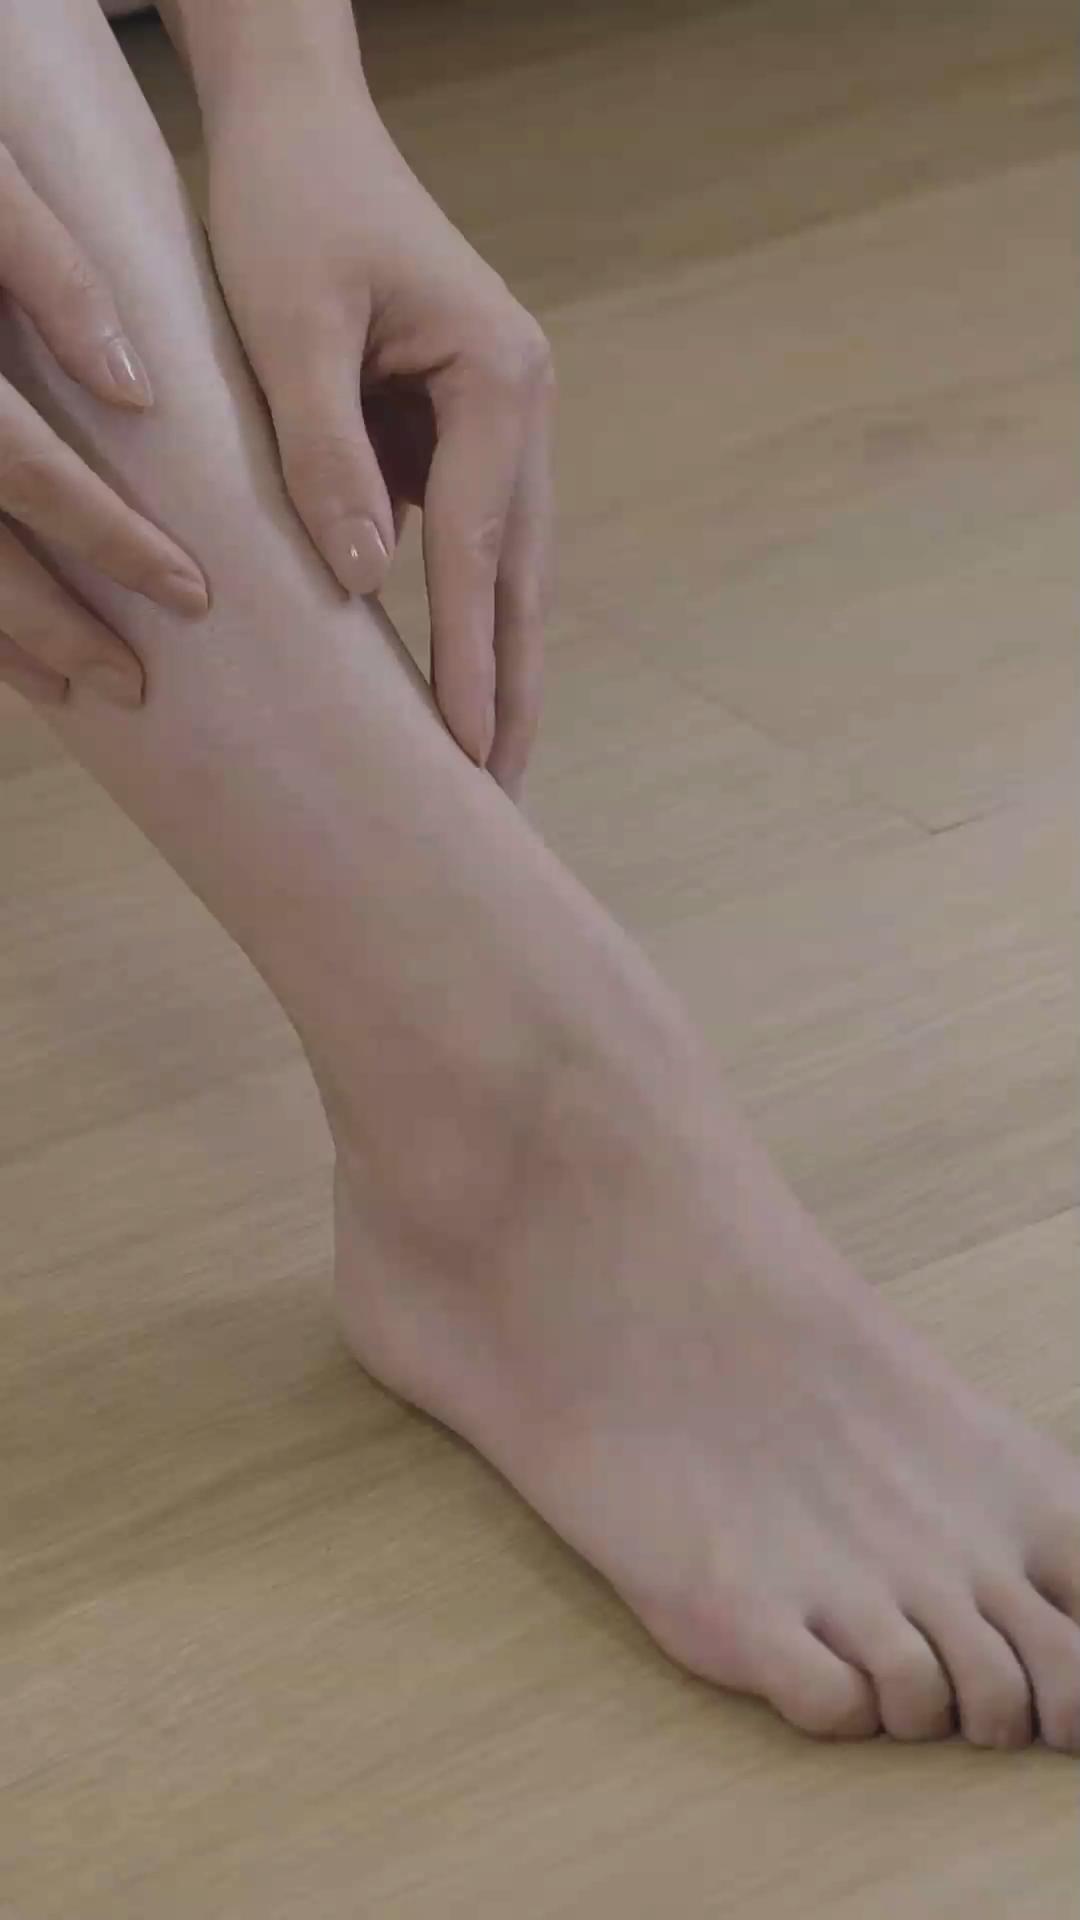 How To Achieve Firmer Luminous Skin Video In 2020 Luminous Skin Skin Crepey Skin